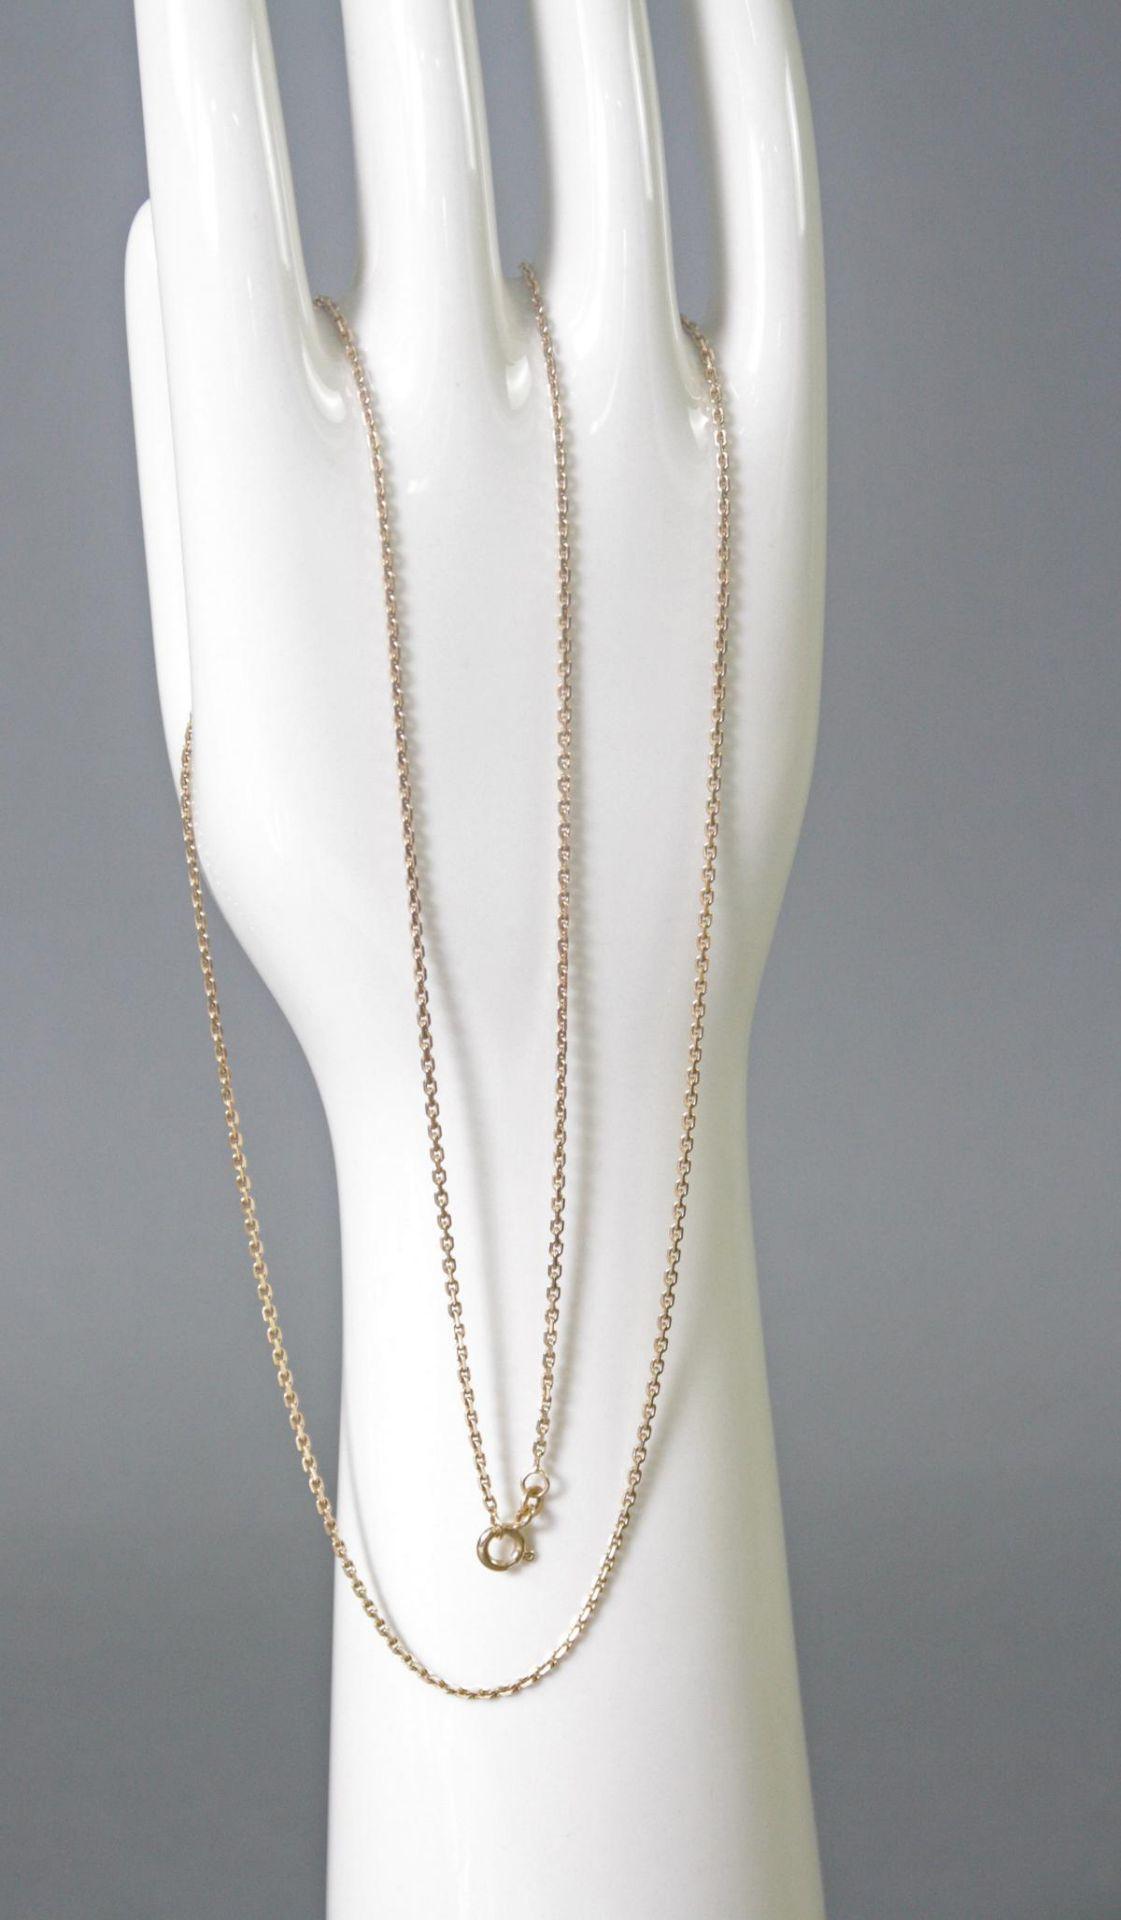 Halskette 8 Karat Gelbgold